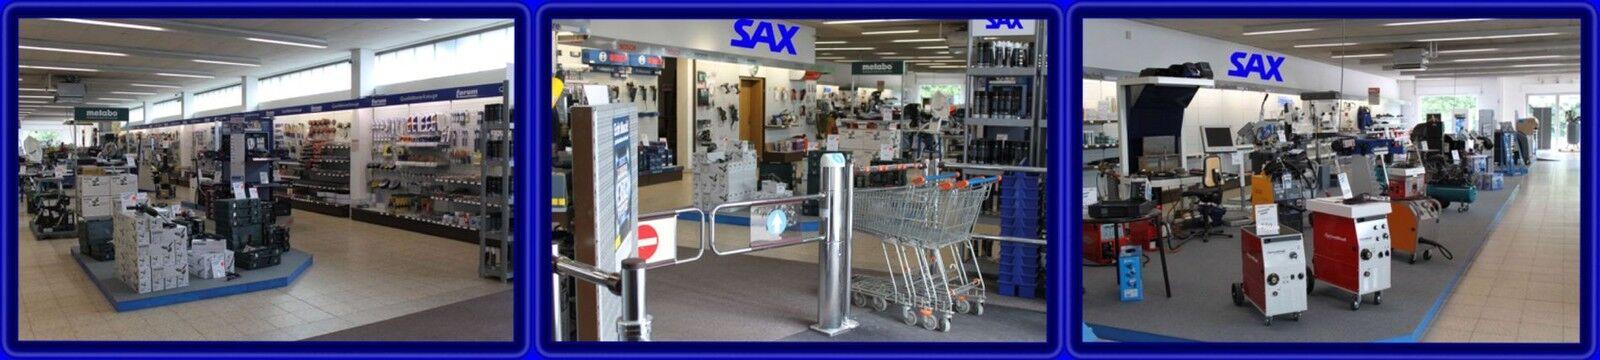 sax-premium